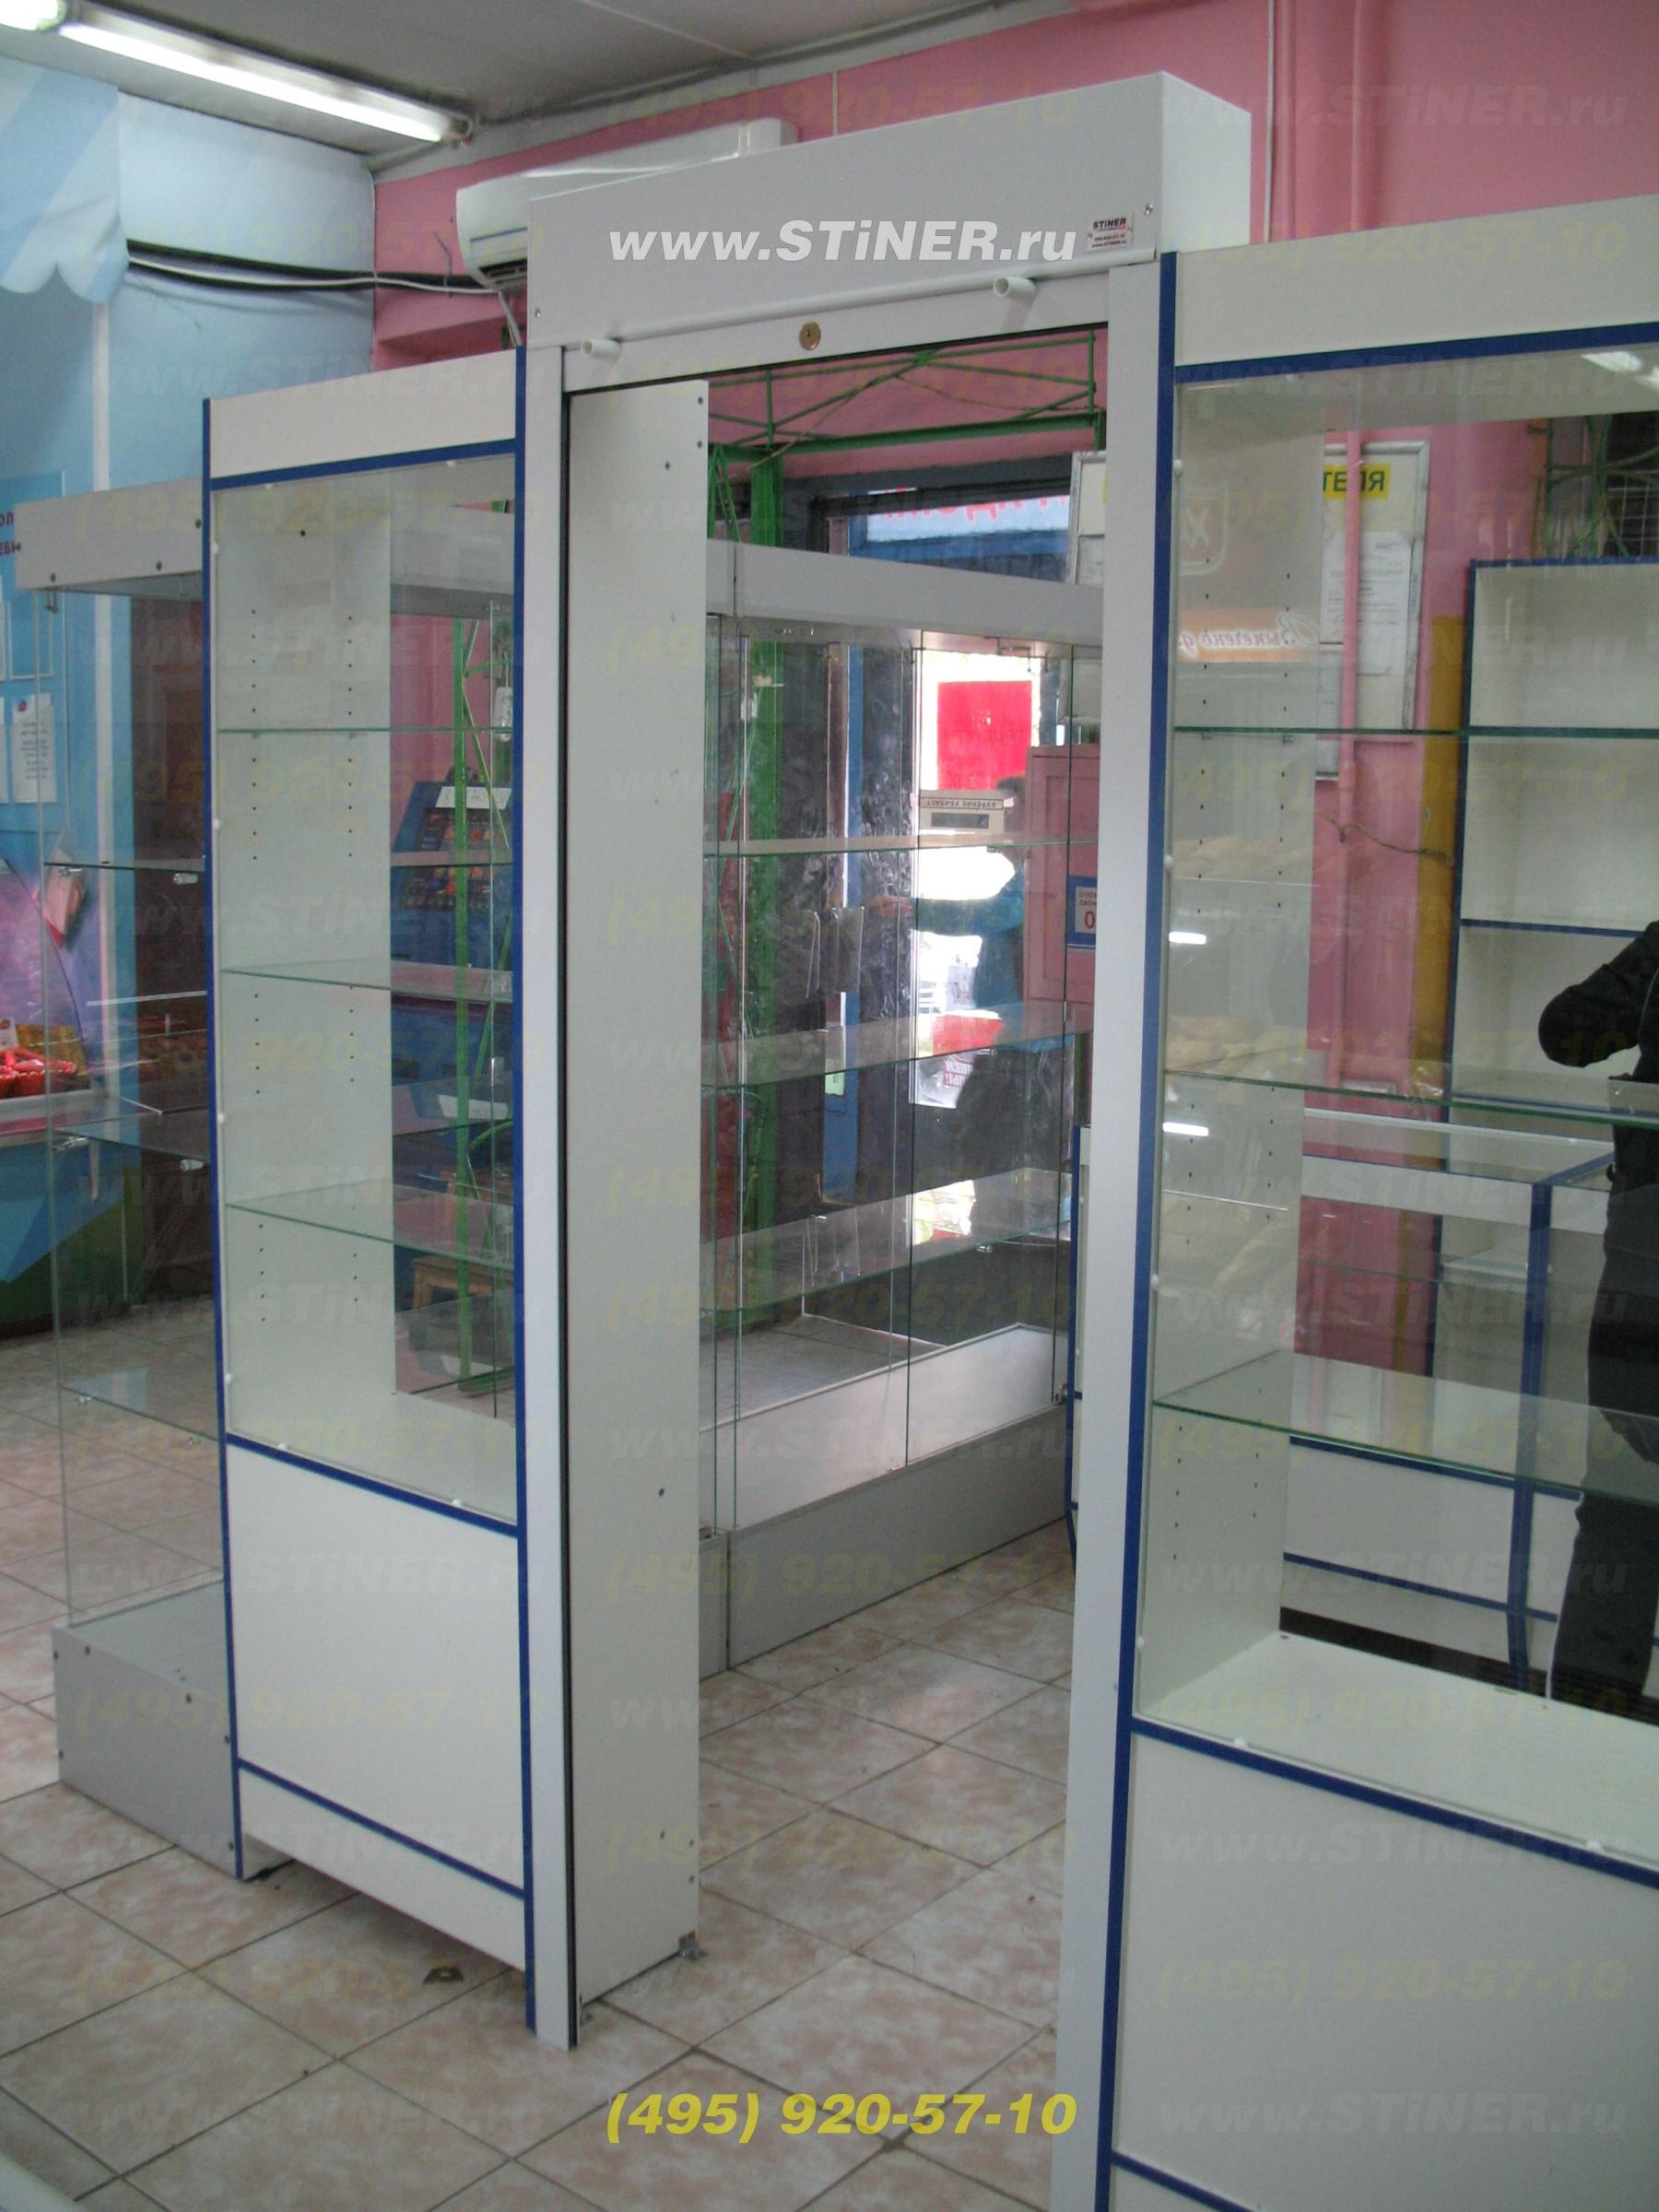 Роллета на торговый шкаф в магазине в Химках